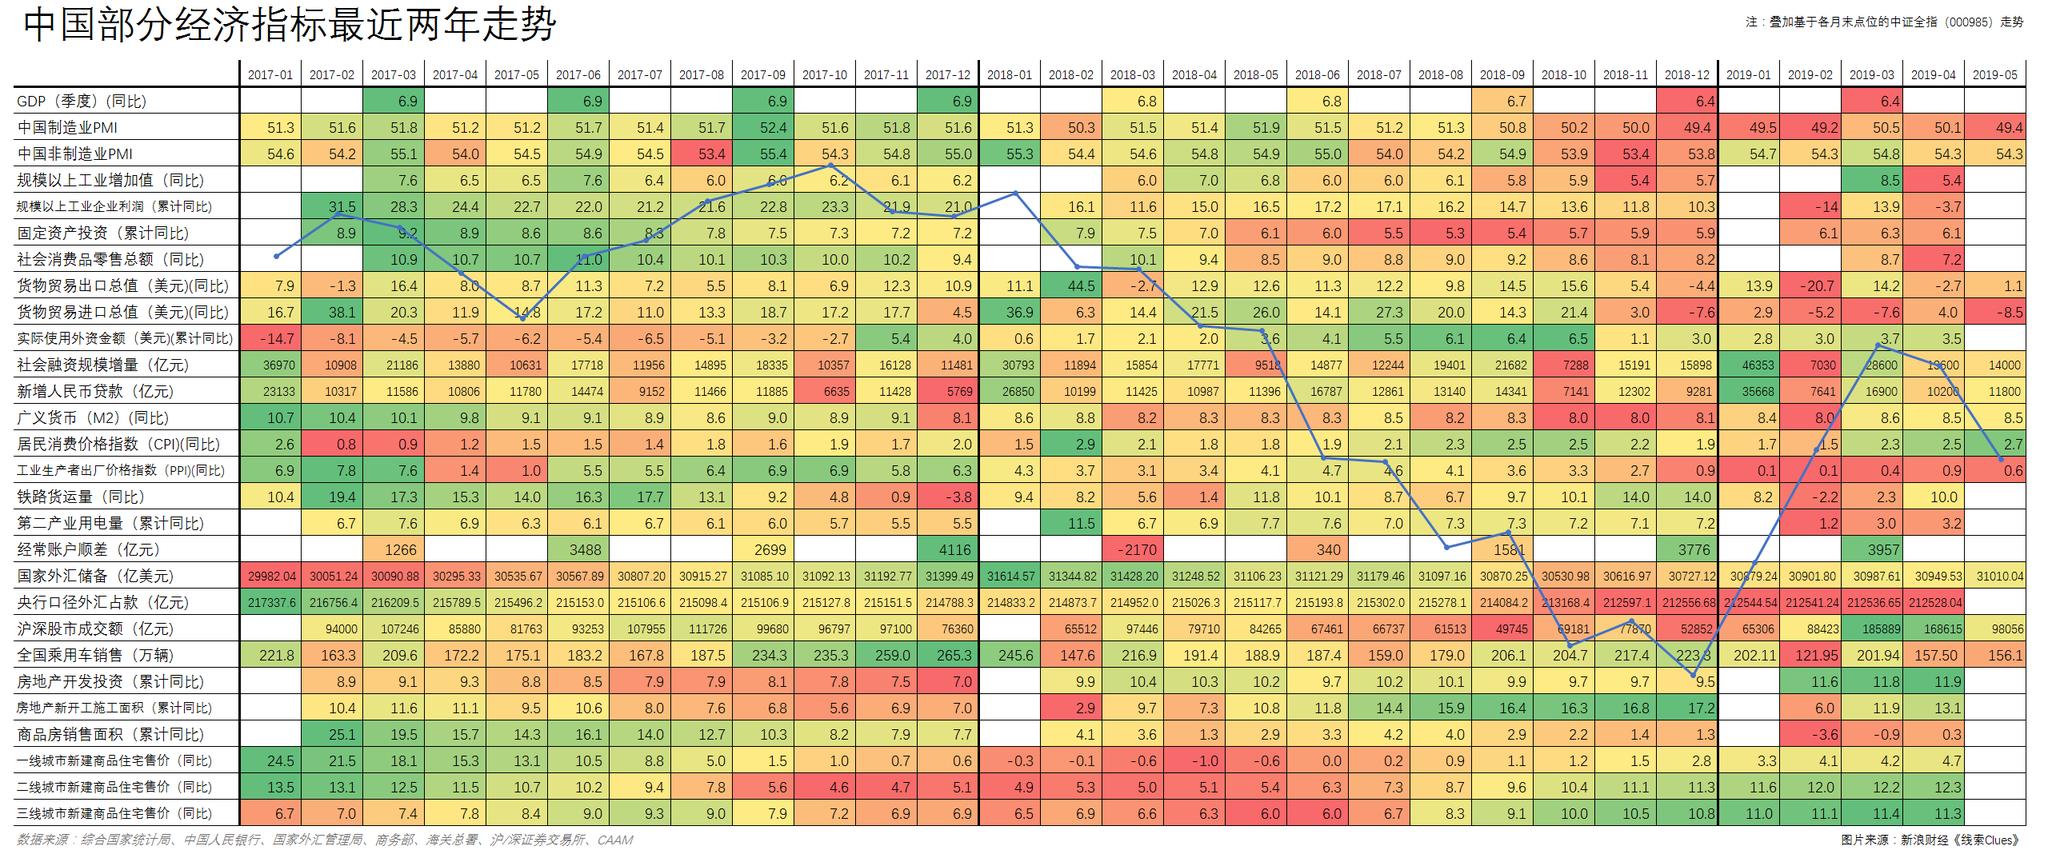 中国片面经济指标近来两年数据,叠添基于各月末点位的中证全指(000985)走势(图片来源:《线索Clues》)